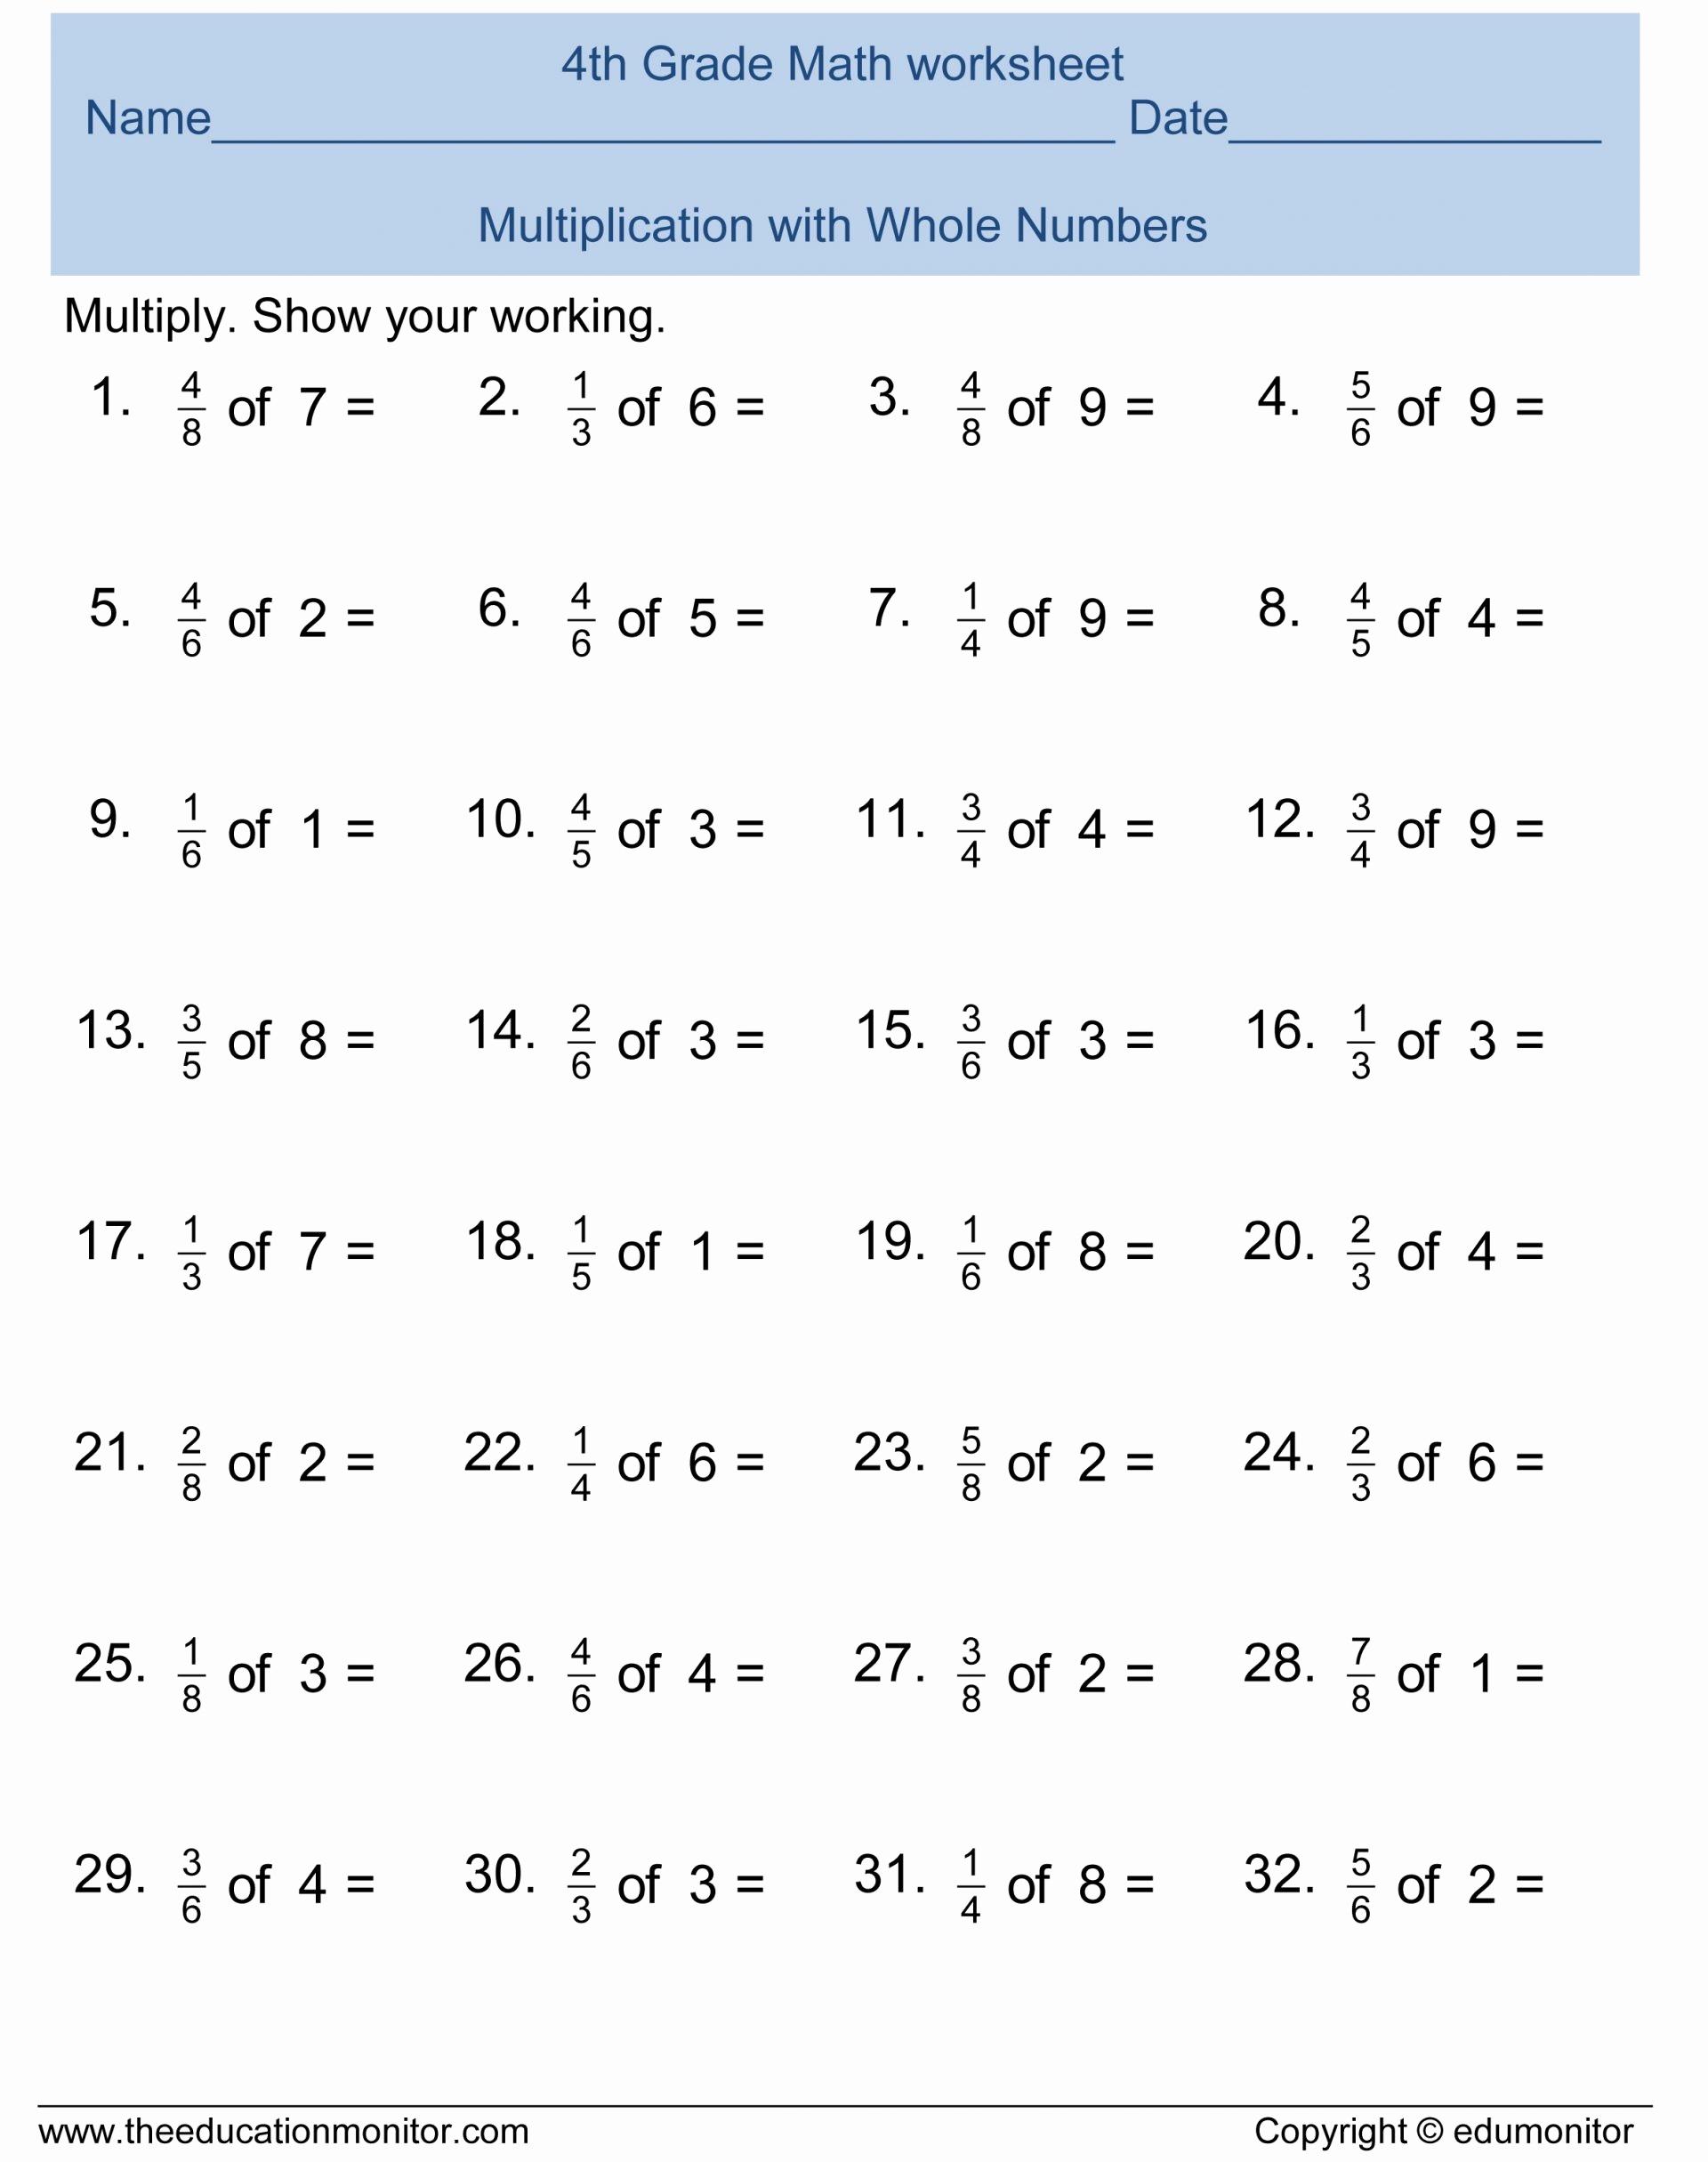 Math Worksheet: Algebra For Beginners Free Math Problems School | Free Kumon Printable Worksheets Preschoolers